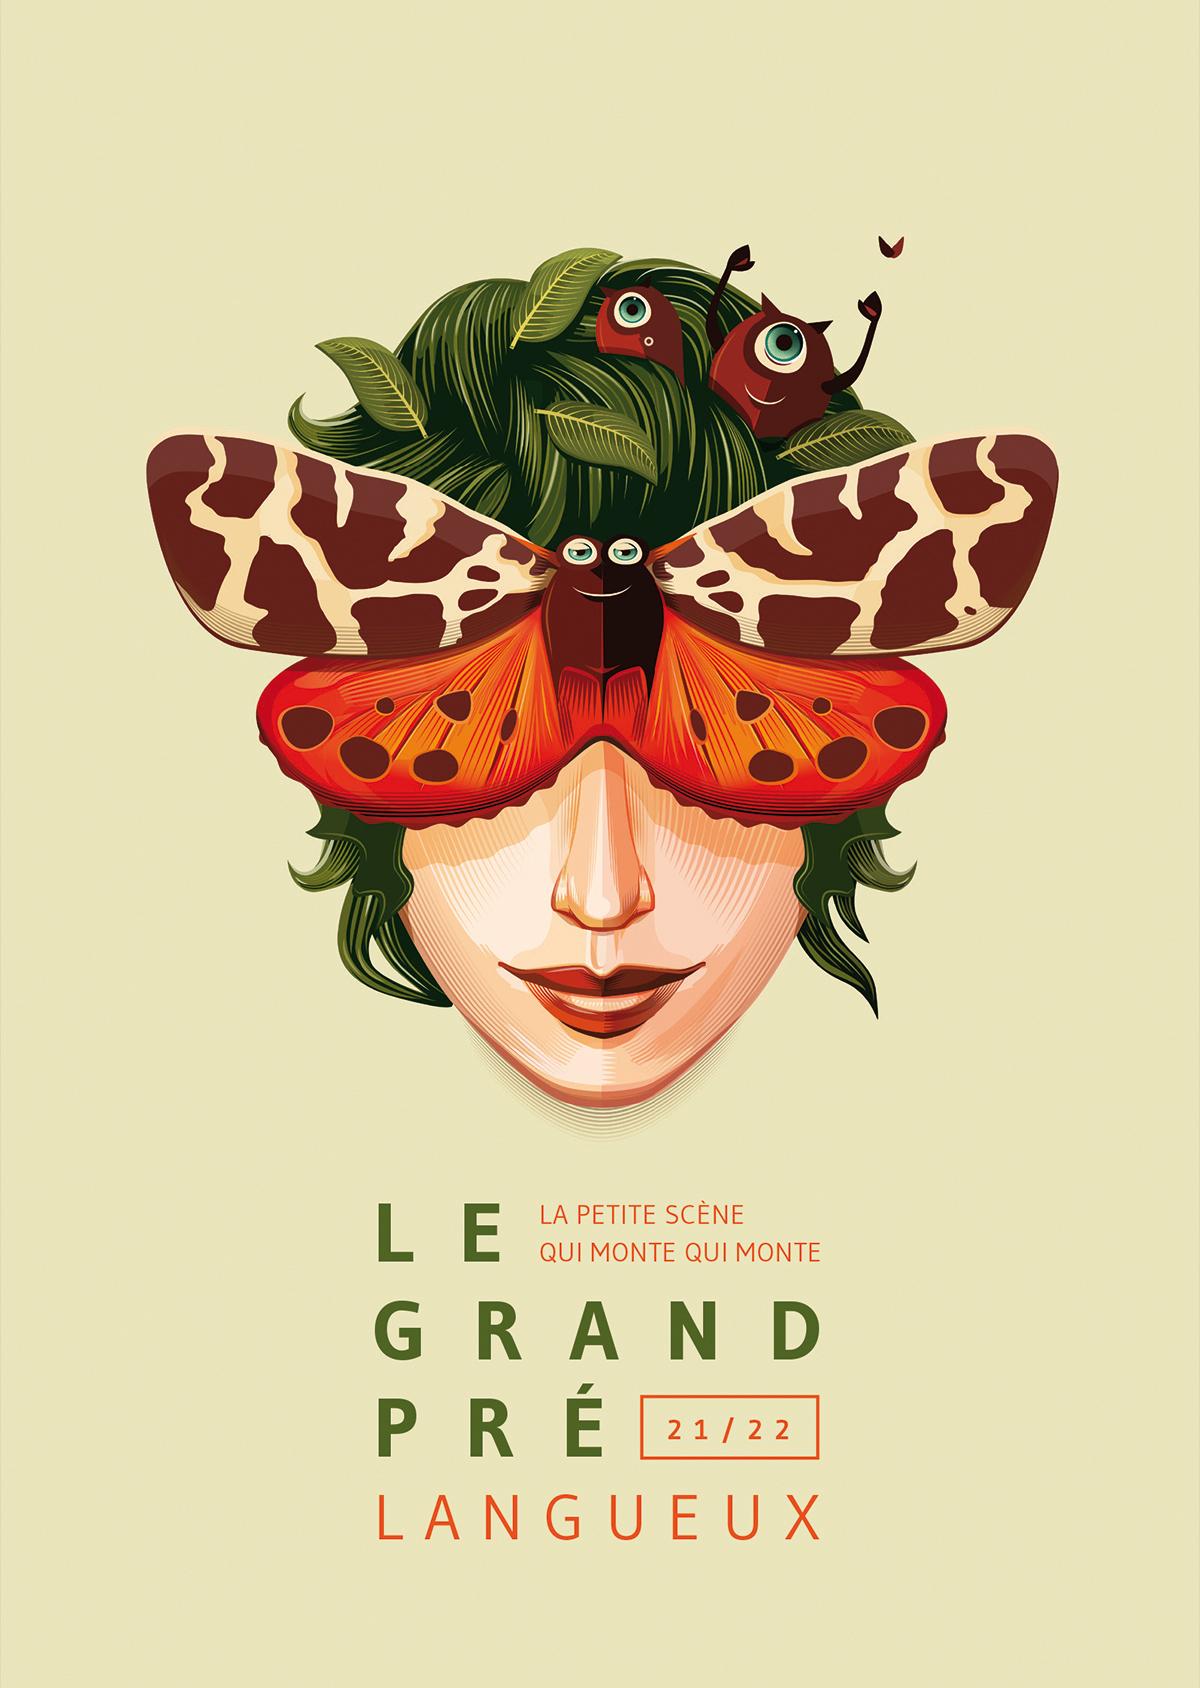 Visuel de saison 21-22 Le Grand Pré, par Dezzig